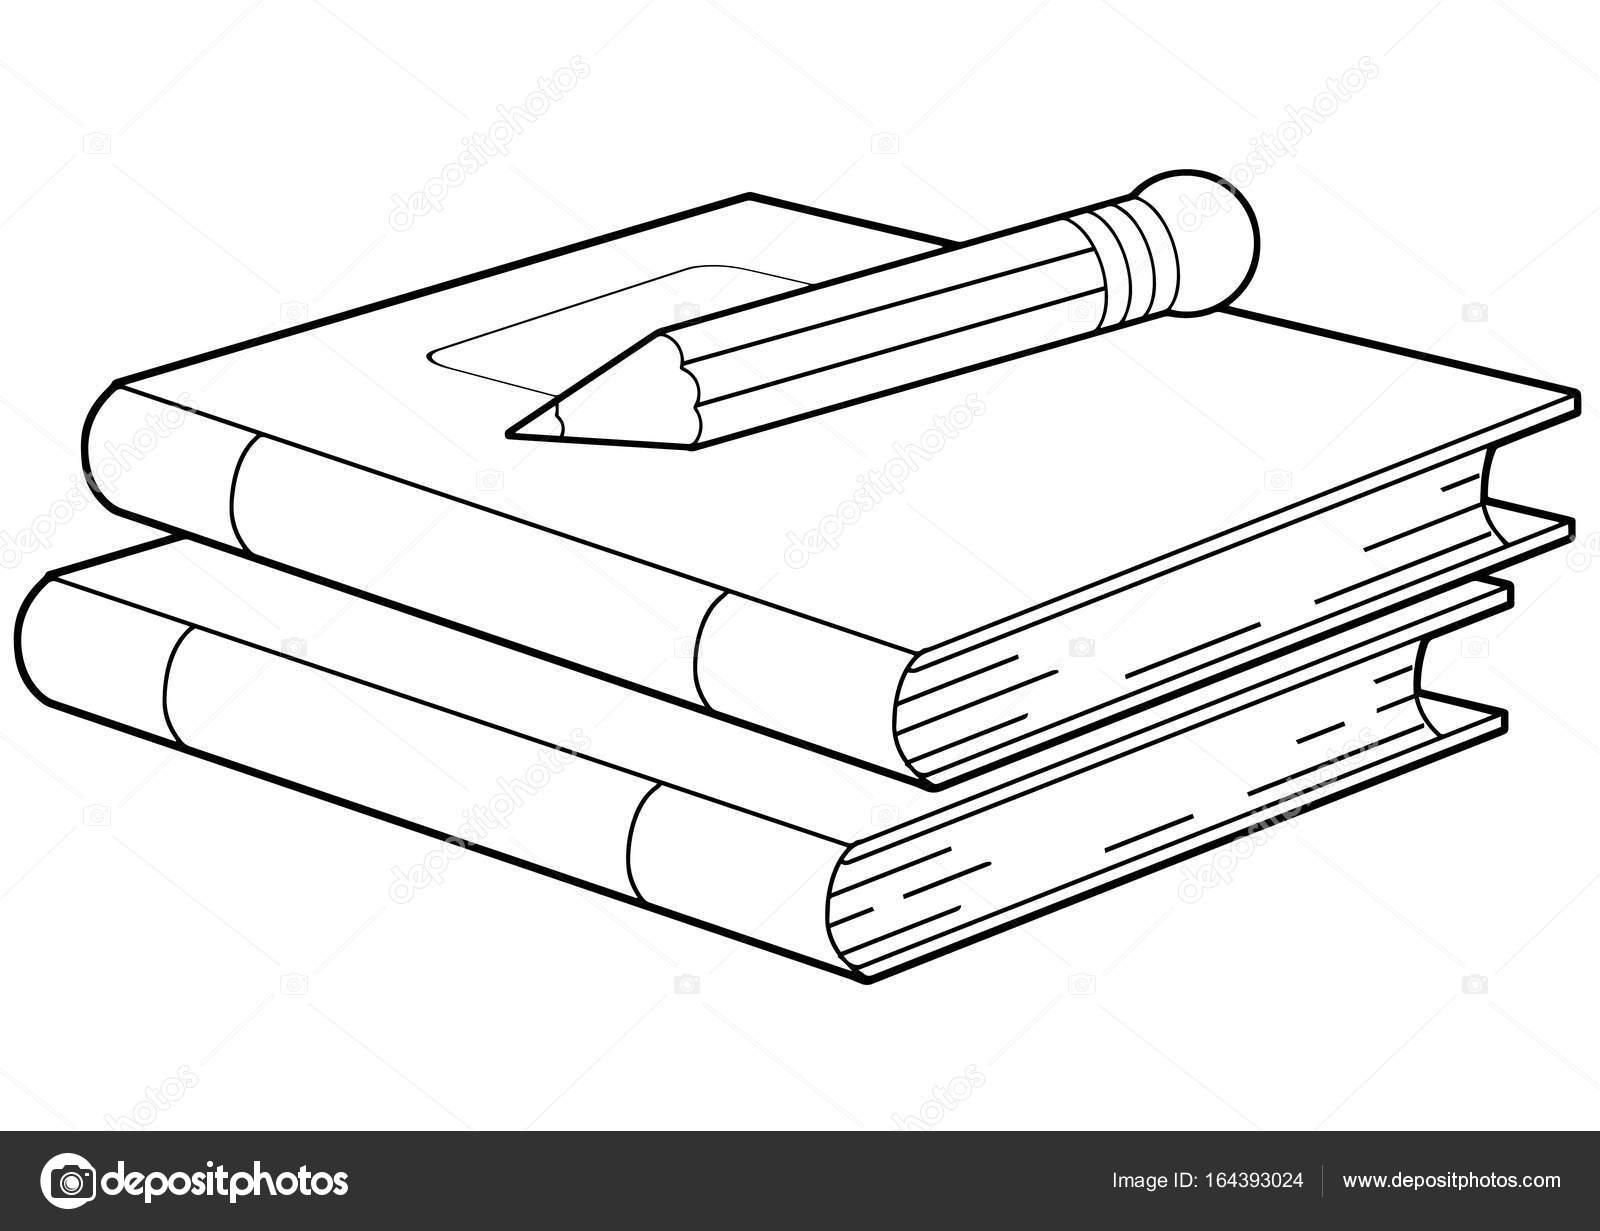 Dibujos Para Colorear De Libro Y Libreta: Cuadernos O Libros Y Lápiz